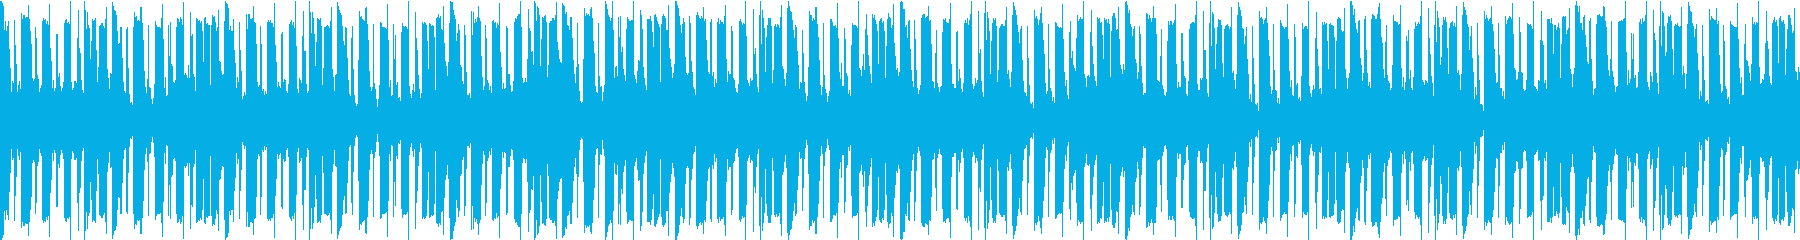 アーバンな雰囲気のループBGMの再生済みの波形